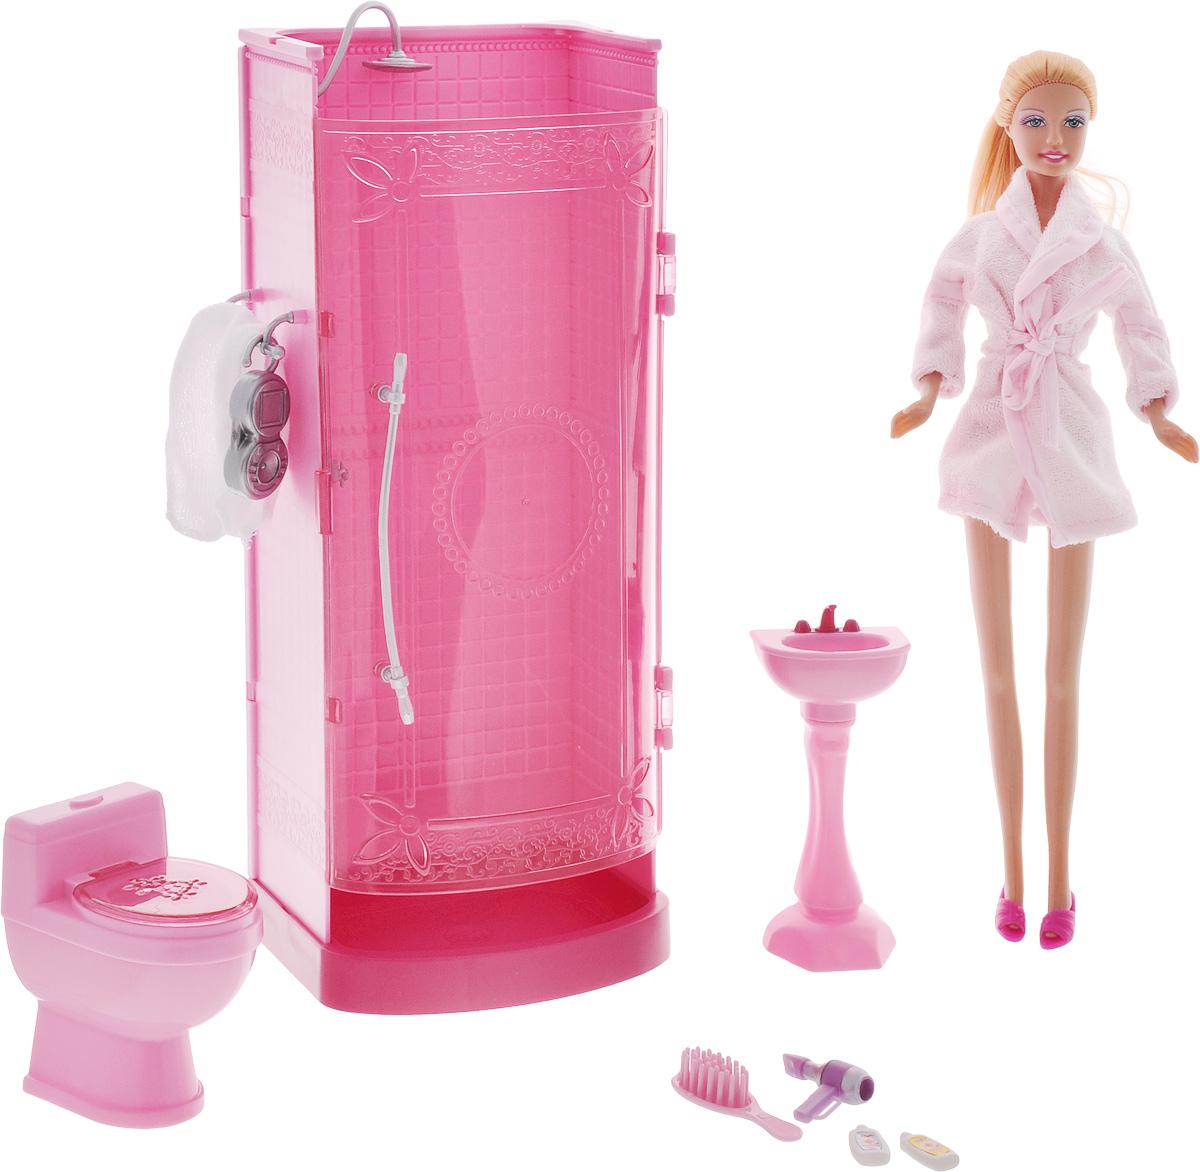 Defa Игровой набор Lucys Bathroom8215dИгровой набор Defa Lucys Bathroom - незабываемый подарок для вашей малышки! В набор входят душевая кабина, туалет, раковина и различные ванные принадлежности. Сама куколка как всегда выглядит потрясающе. У нее длинные светлые волосы, убранные в хвост. Одета кукла просто, по-домашнему - в розовый махровый халатик. Голова, ручки и ножки куклы подвижны. Набор изготовлен из качественных и безопасных материалов в розовых тонах. Ваша малышка будет часами играть с набором, придумывая различные истории. Порадуйте ее таким замечательным подарком!